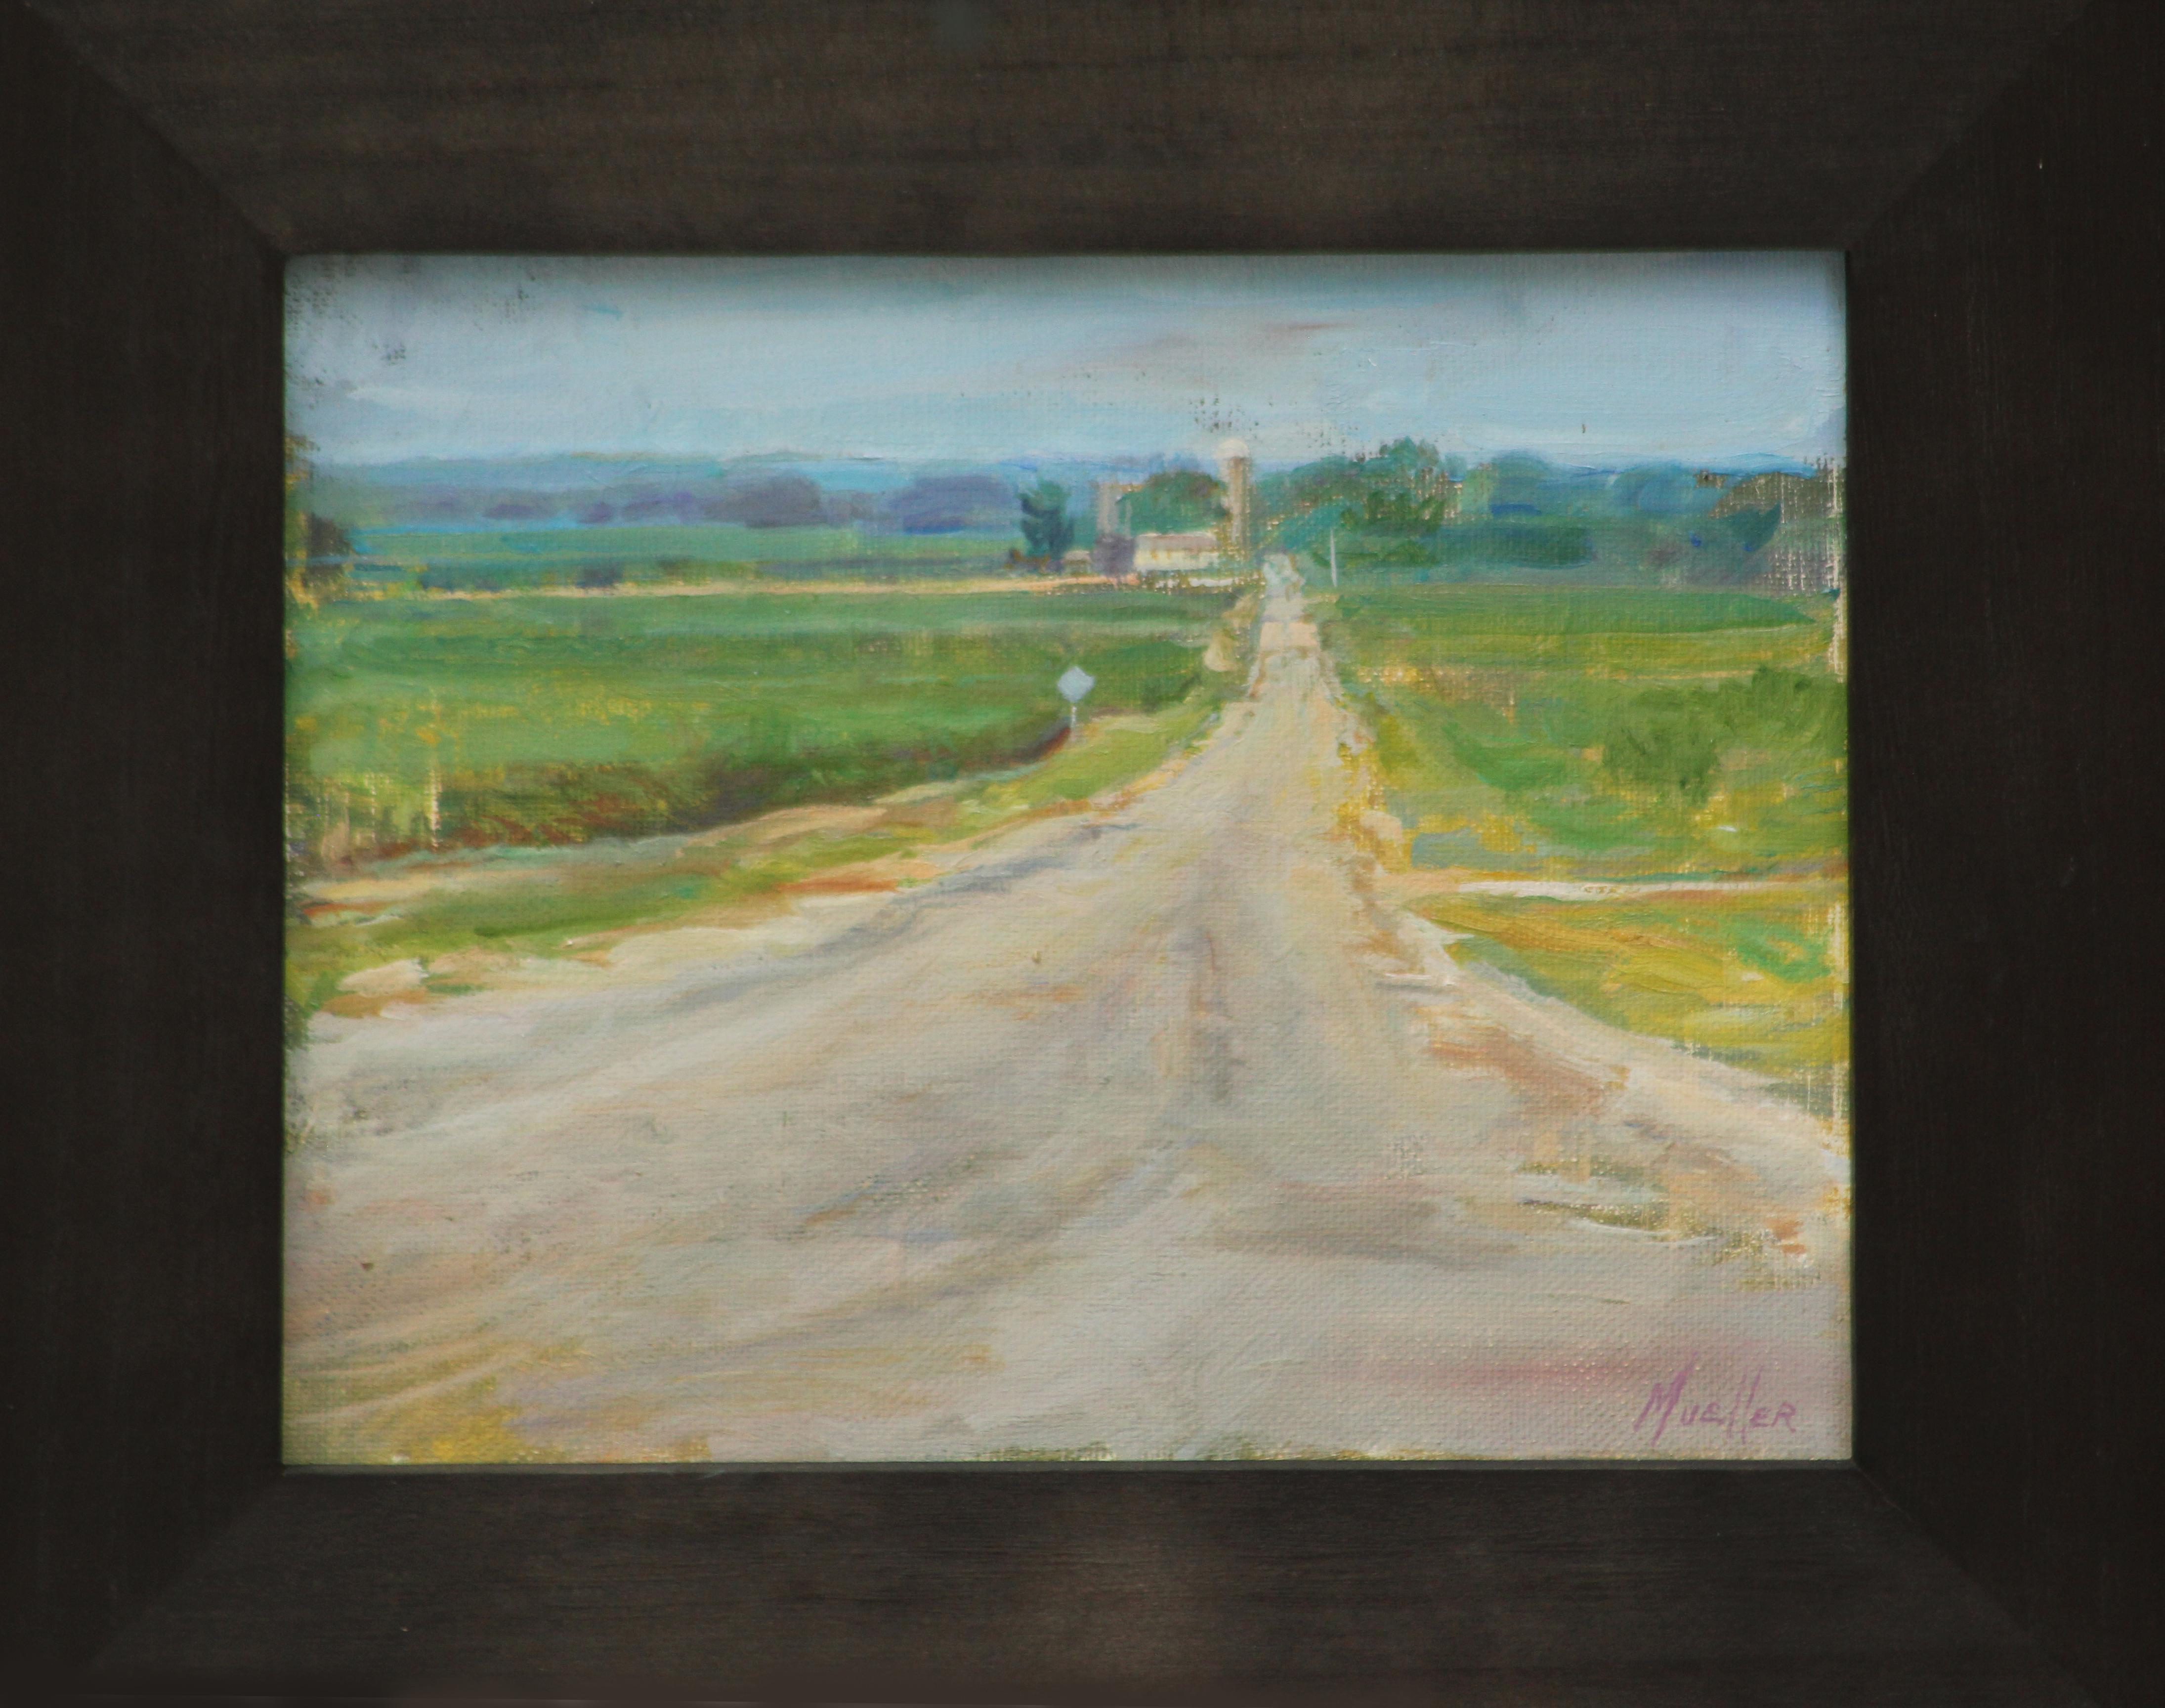 americas dairyland (David Mueller) 8 x 10_oil